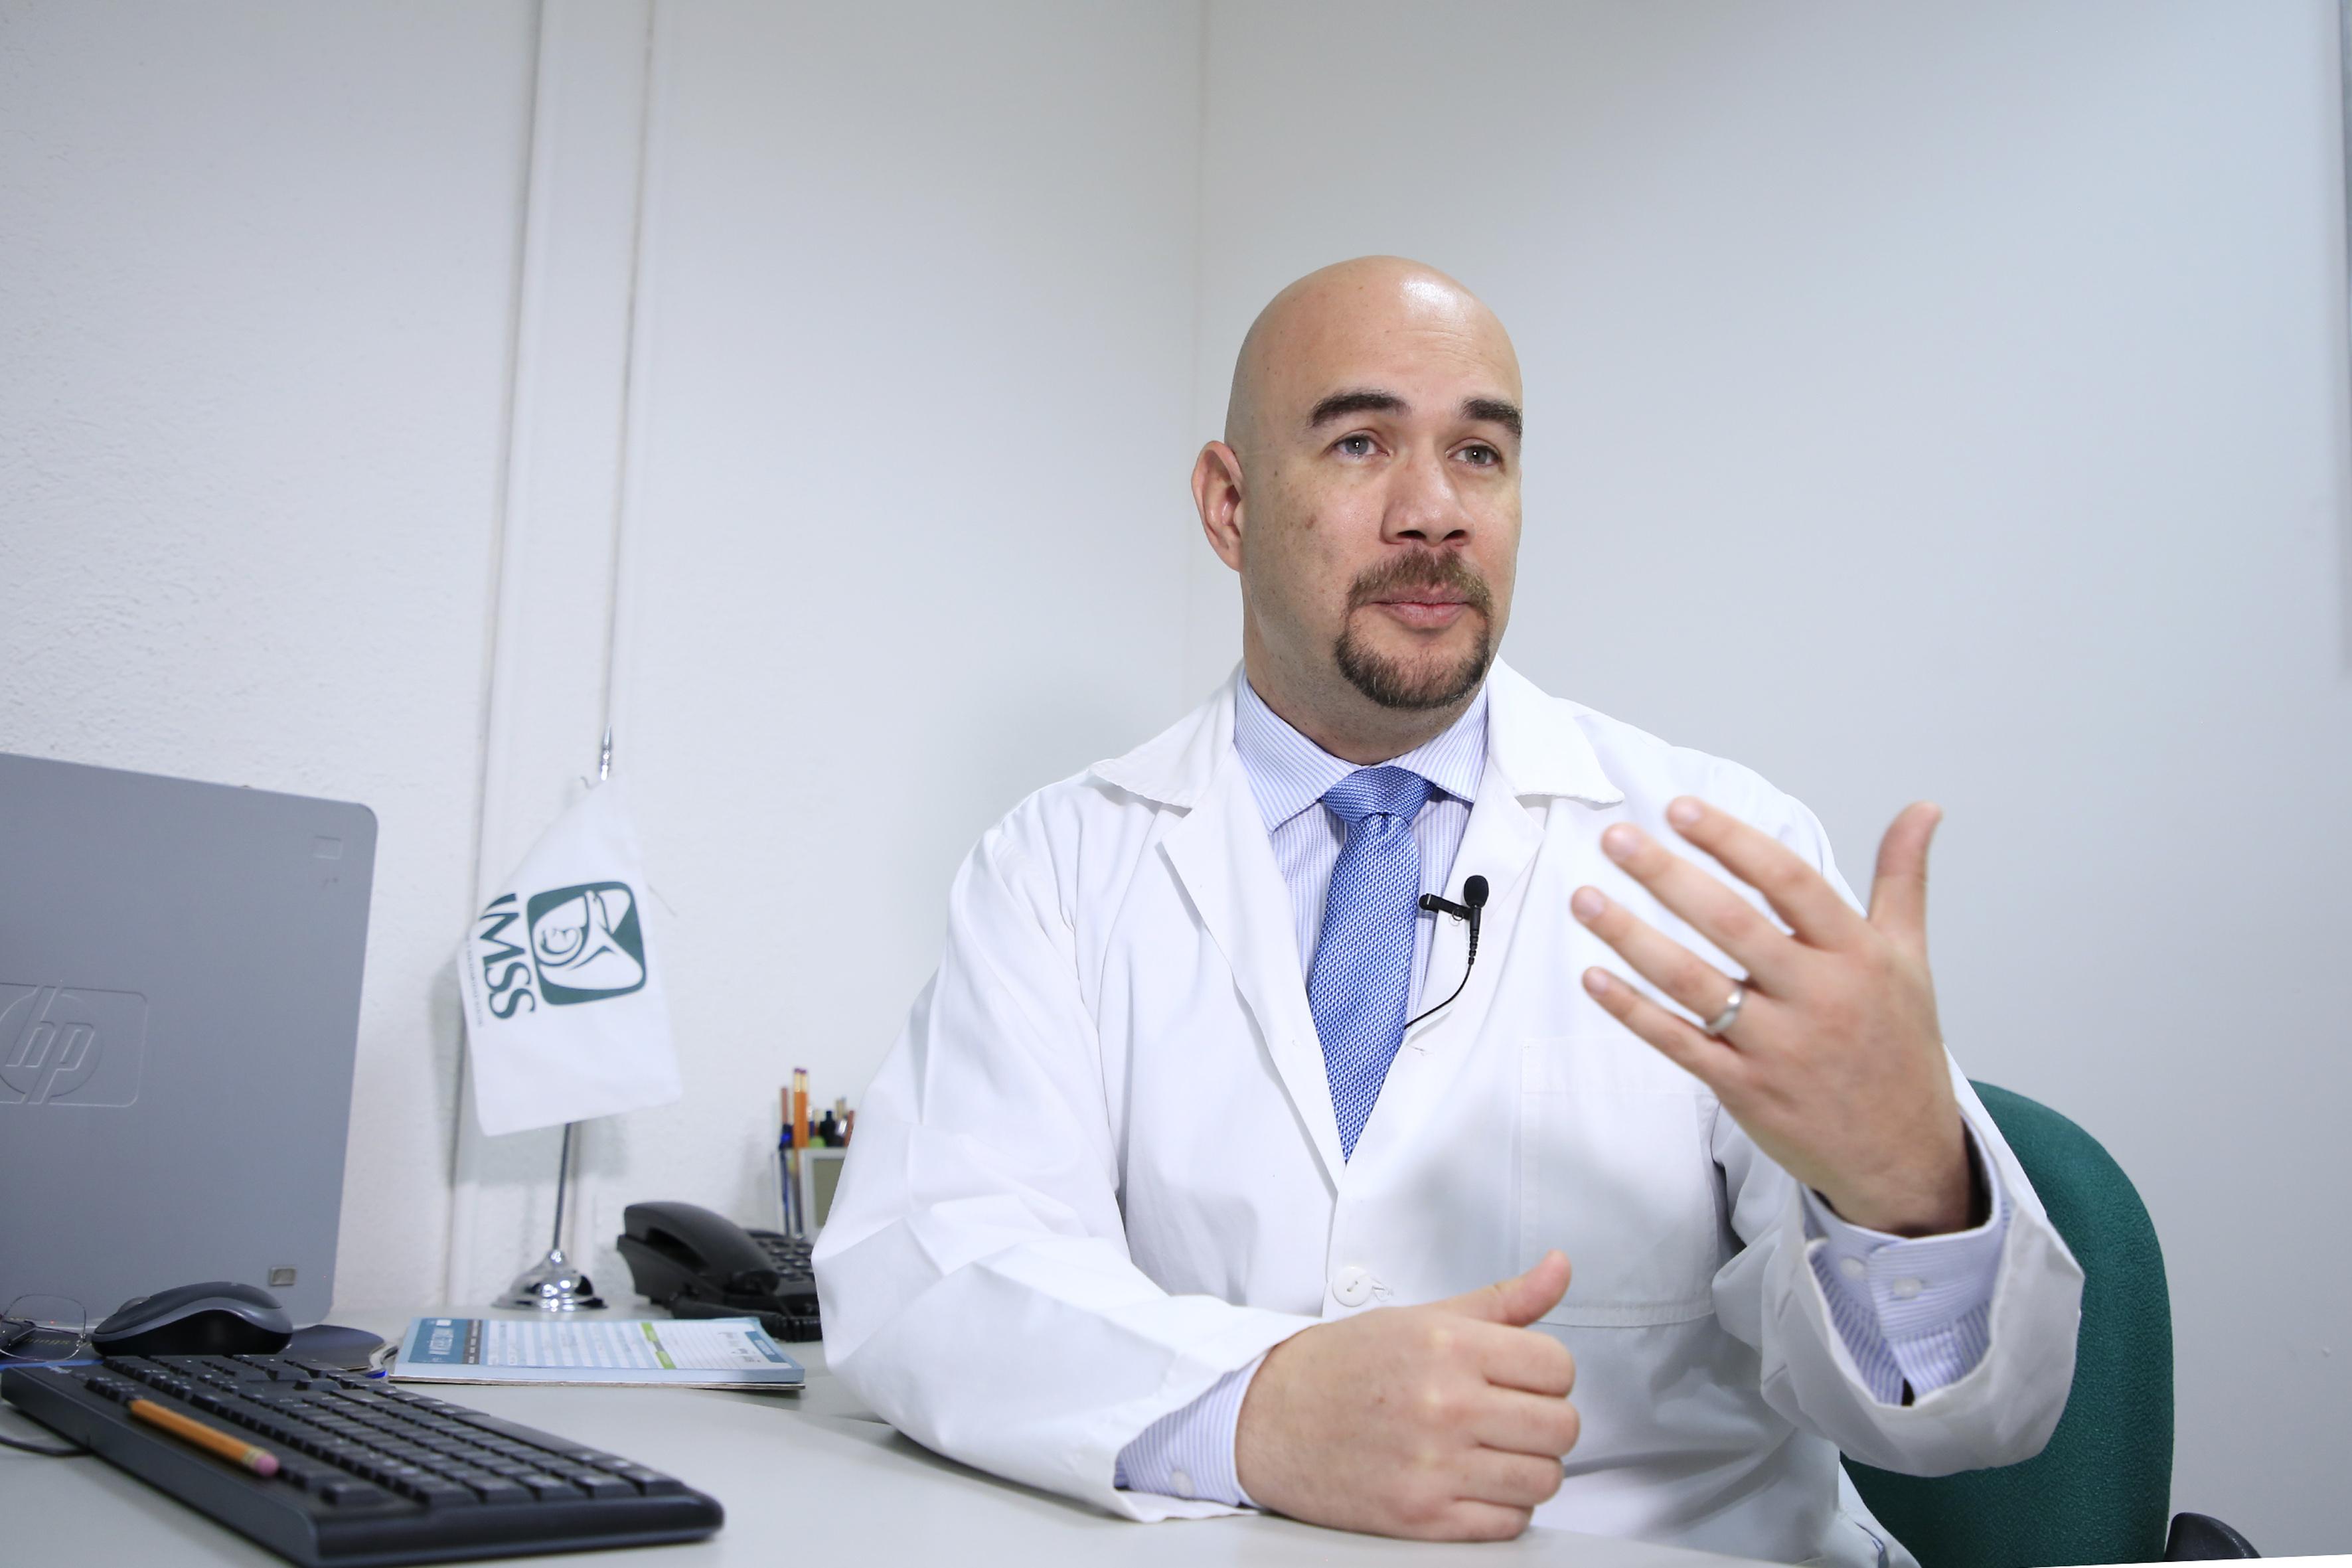 Alimentación saludable y medidas de higiene en diabéticos durante aislamiento por Covid-19: IMSS